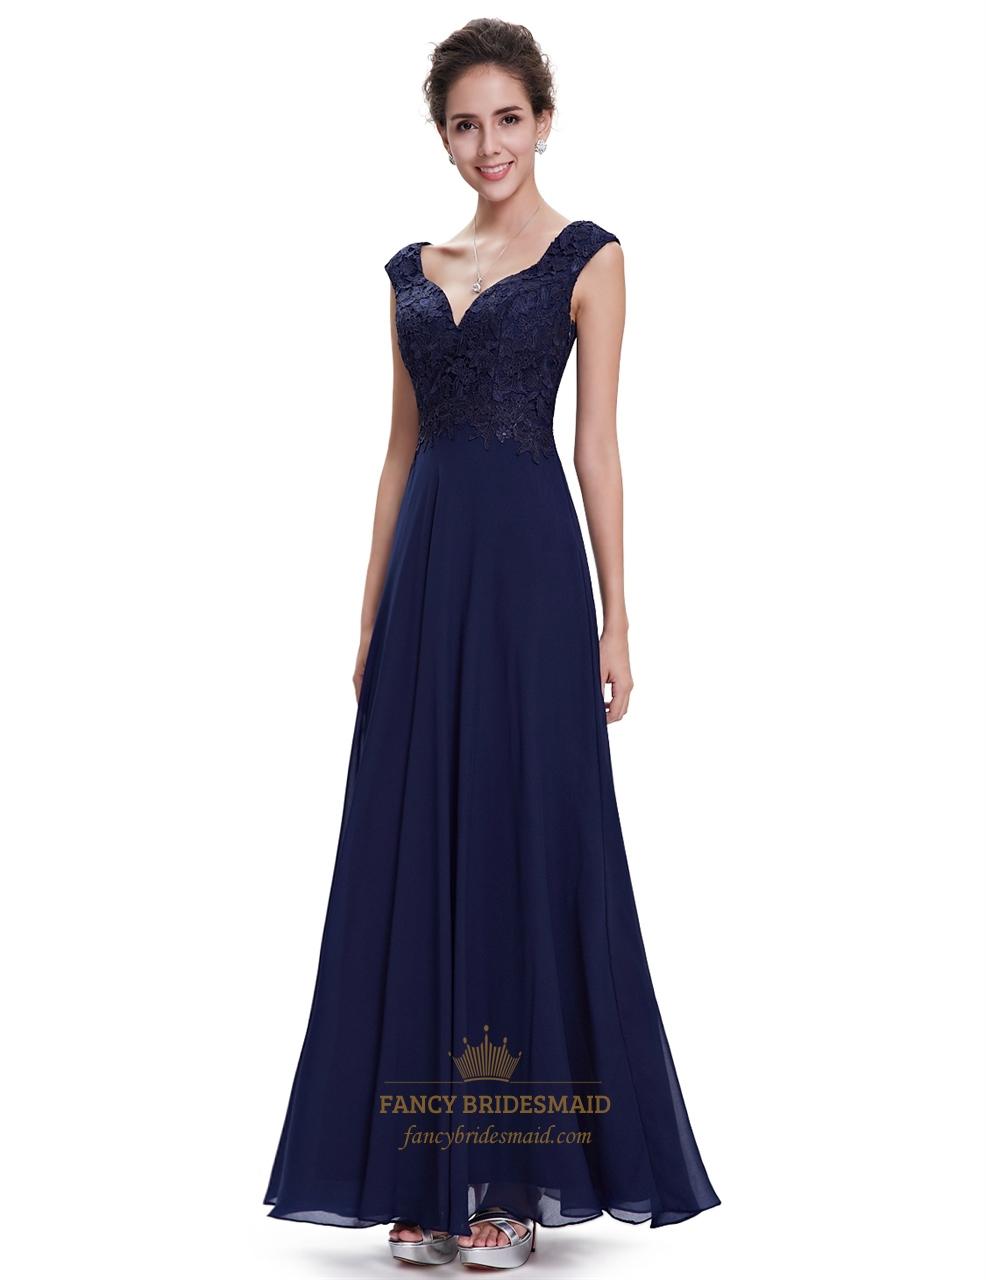 Navy blue cap sleeves chiffon long bridesmaid dresses with lace navy blue cap sleeves chiffon long bridesmaid dresses with lace bodice ombrellifo Images